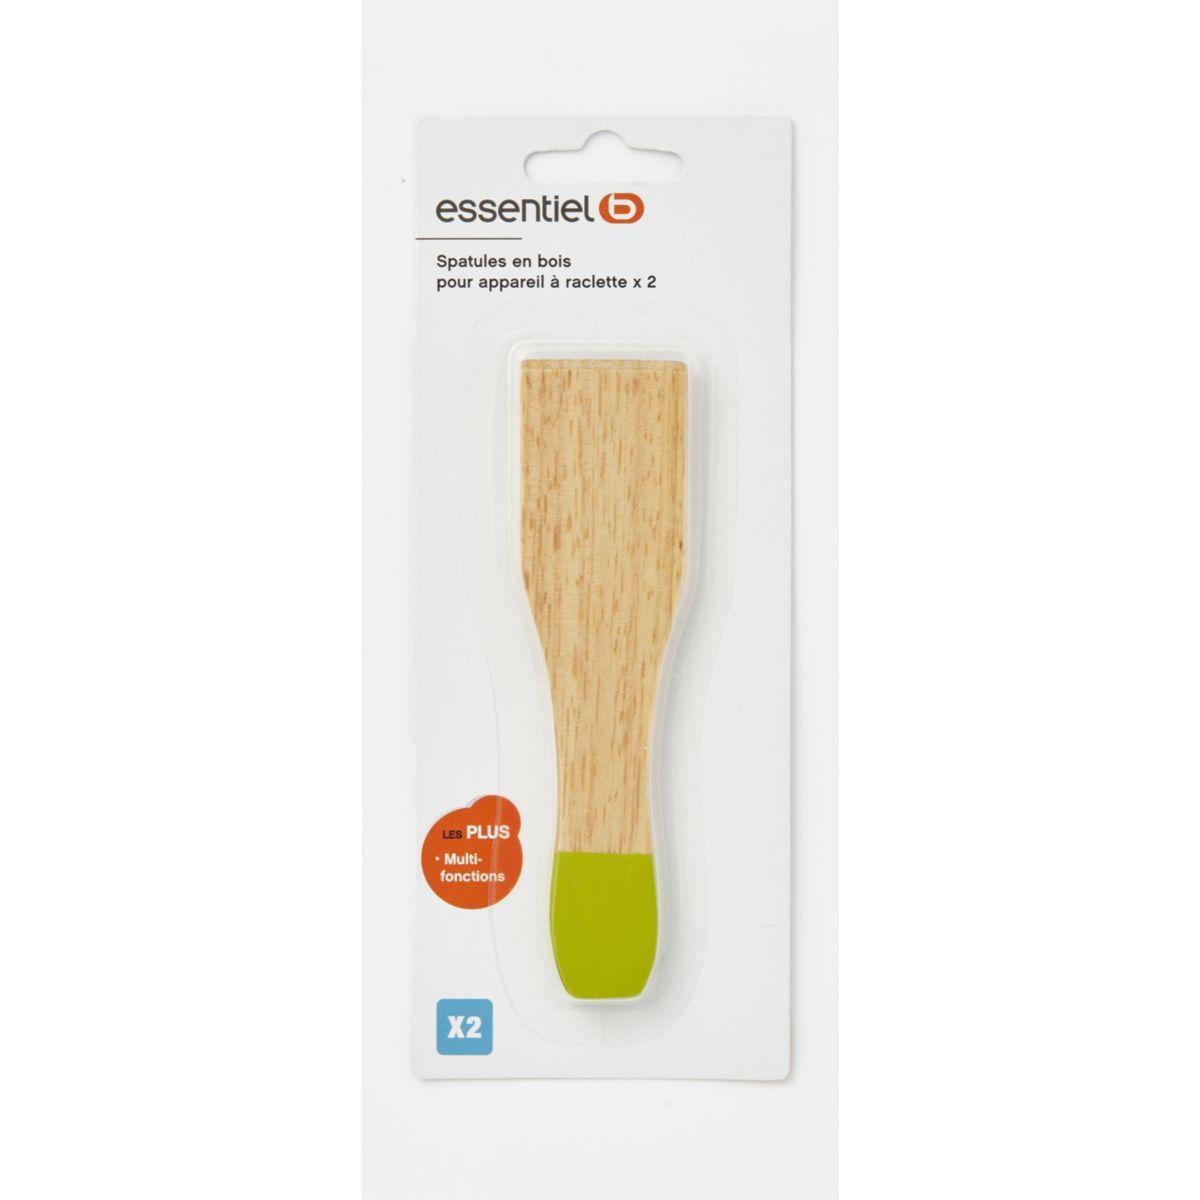 Spatule sc lot 2 spatules couleu - produit coup de coeur webdistrib.com ! (photo)